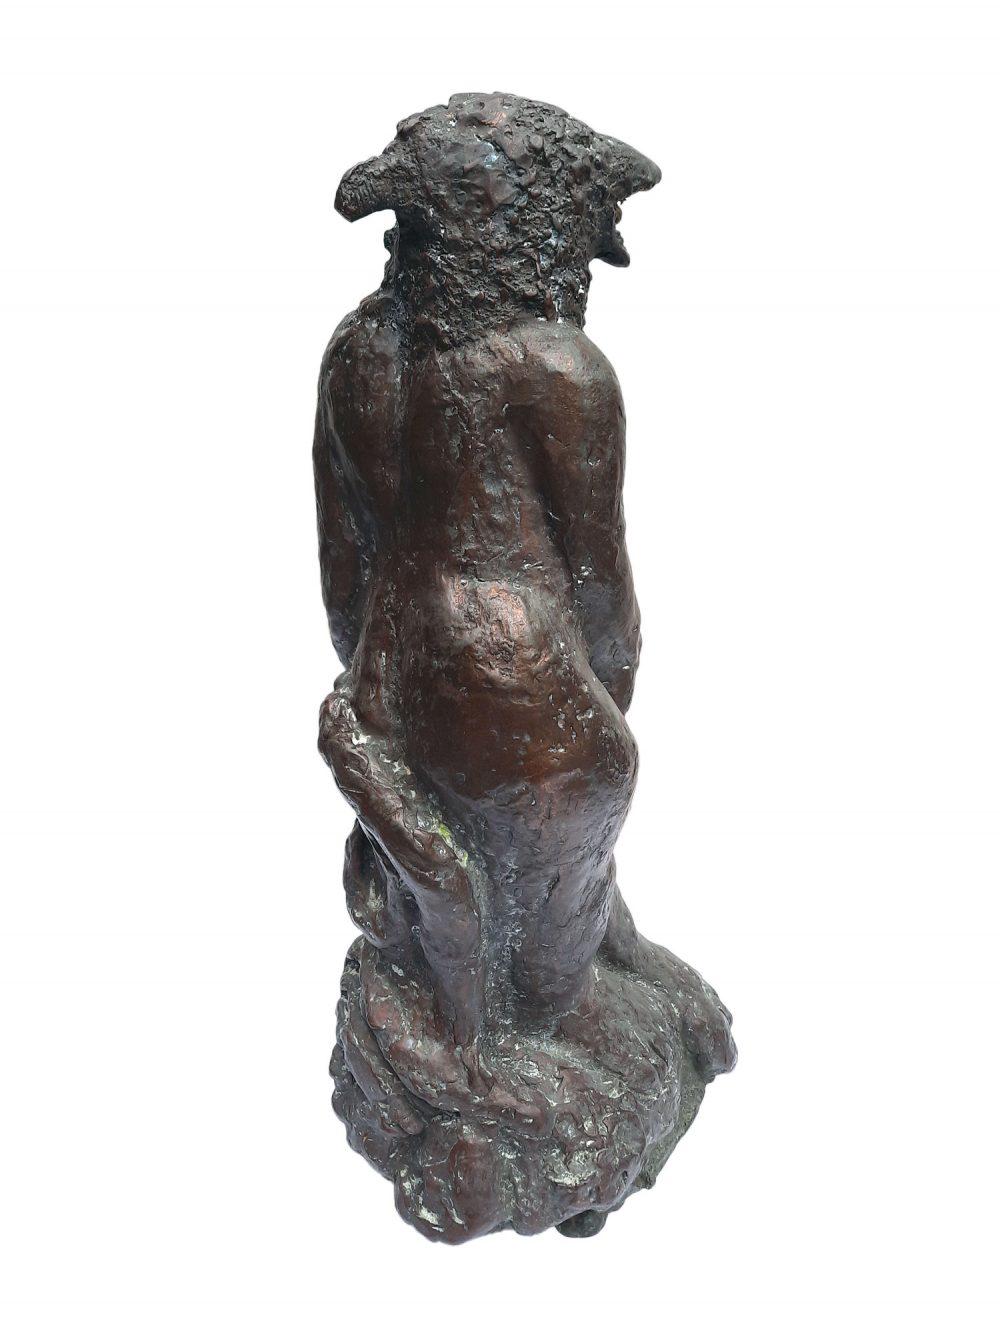 aat veldhoen brons beeld